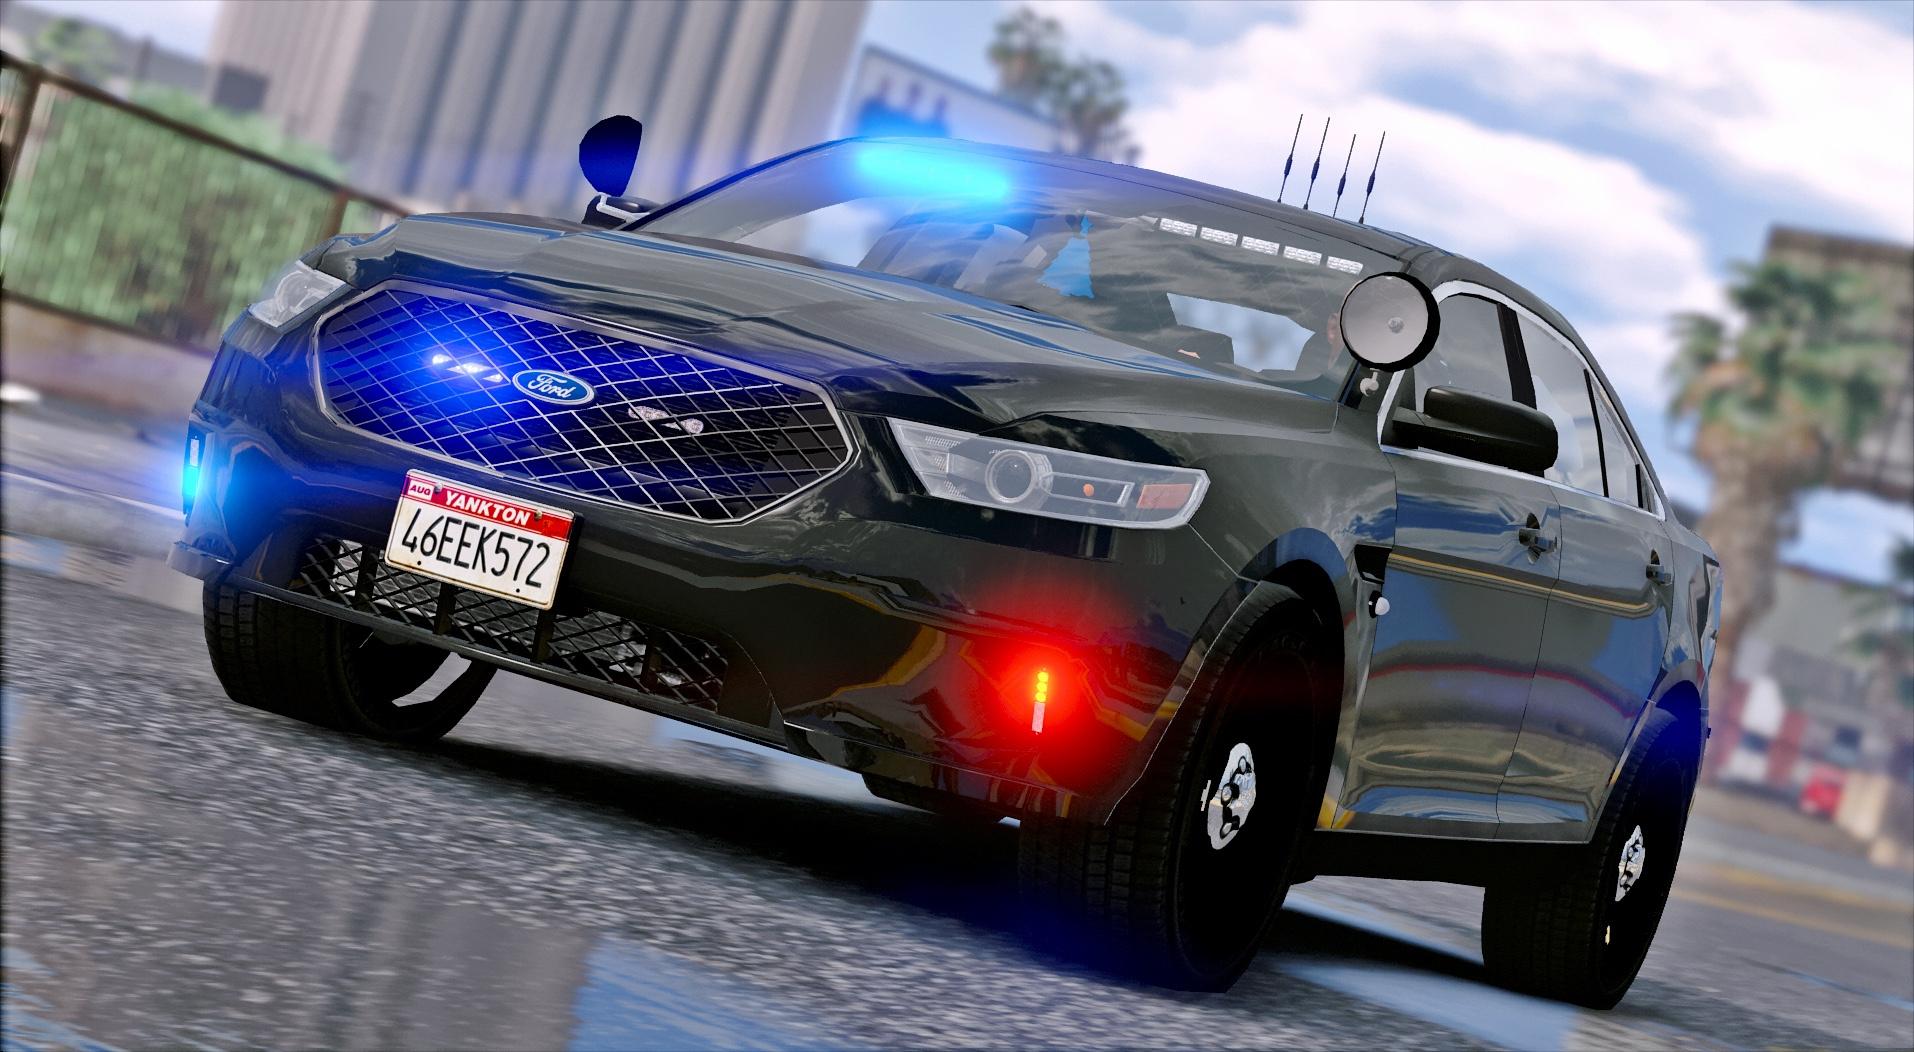 Latest GTA 5 Mods - Els - GTA5-Mods com